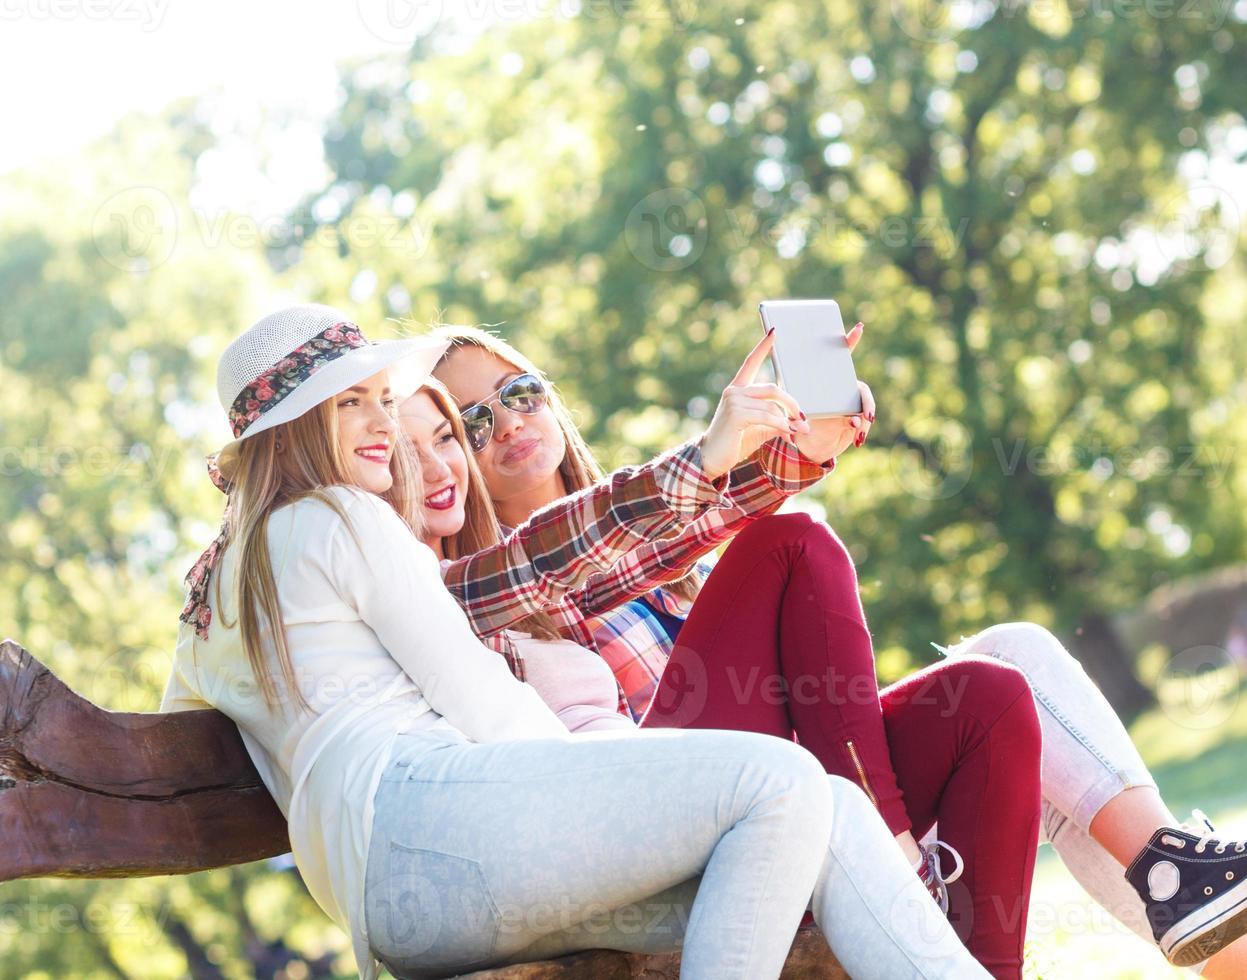 trois amis faisant selfie photo